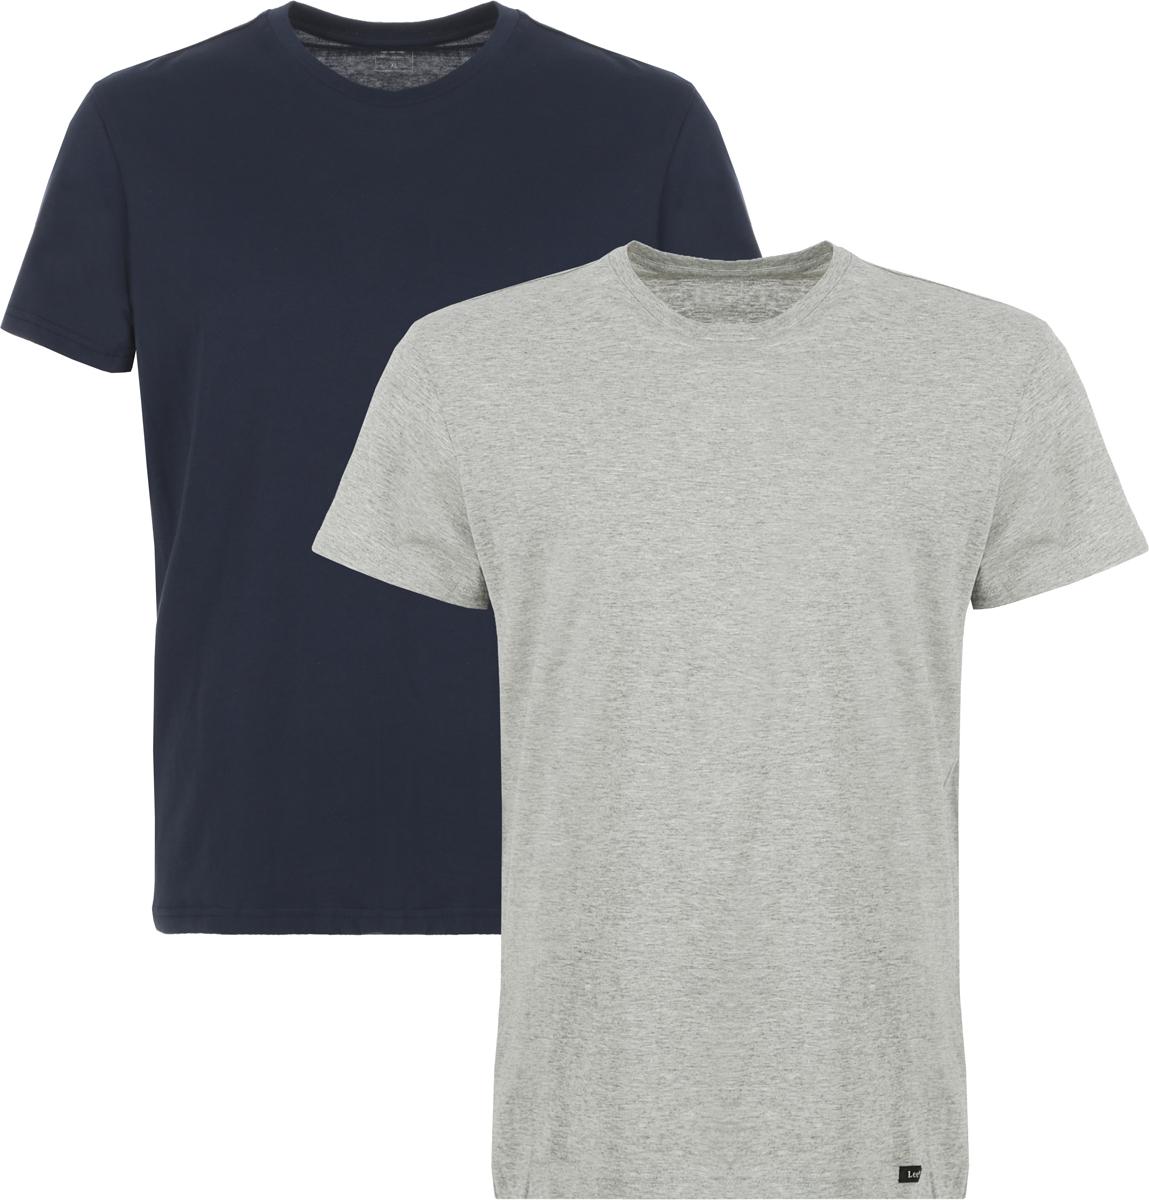 Футболка мужская Lee, цвет: темно-синий, серый, 2 шт. L680AILD. Размер XL (52)L680AILDФутболка от Lee выполнена из натурального хлопкового трикотажа. Модель с короткими рукавами и круглым вырезом горловины.В комплекте две футболки.